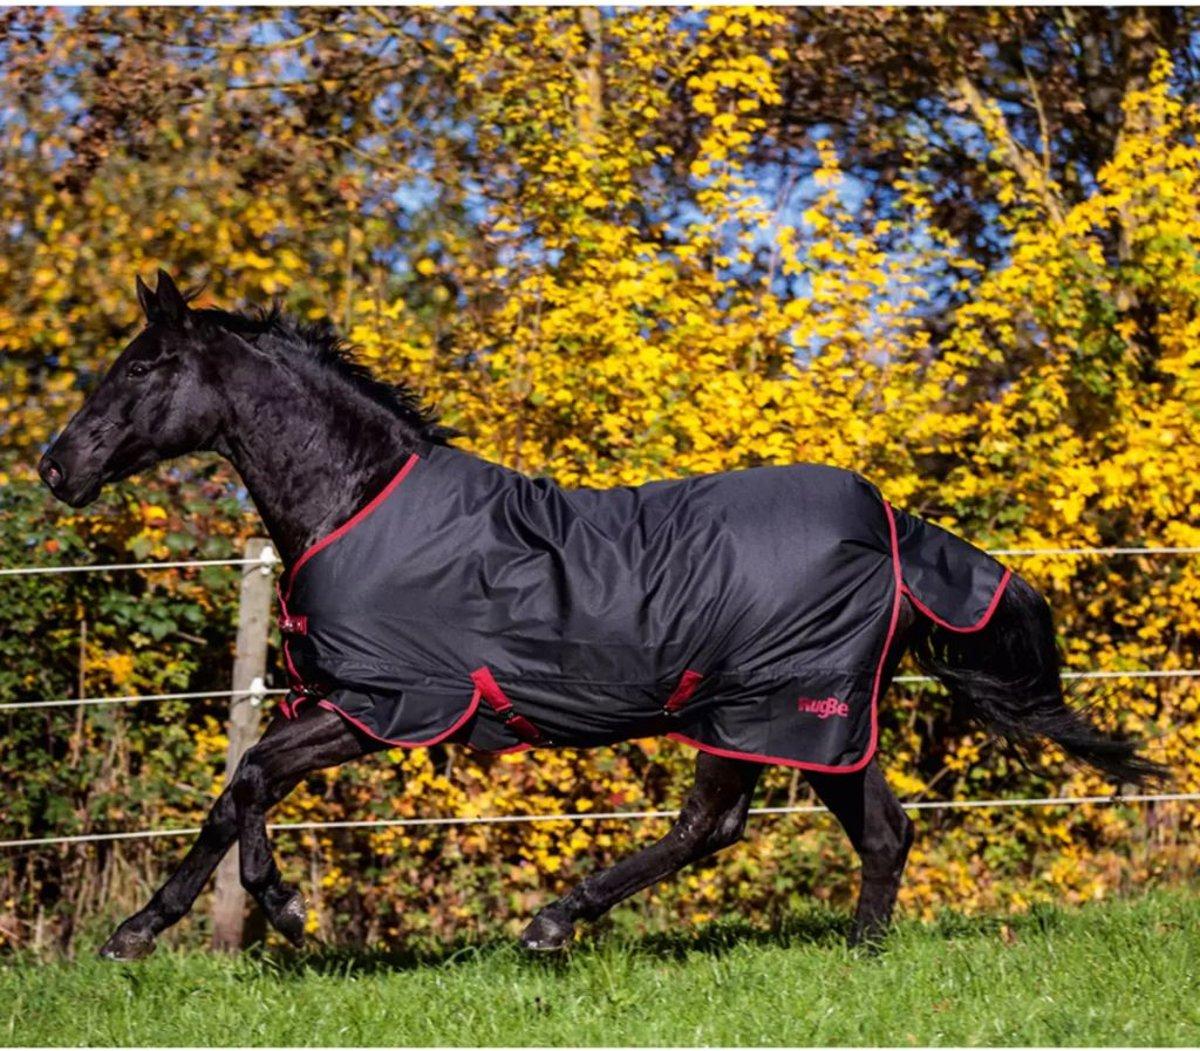 Kerbl Paardendeken Outdoor RugBe Zero 1 - Zwart/rood - 165 cm